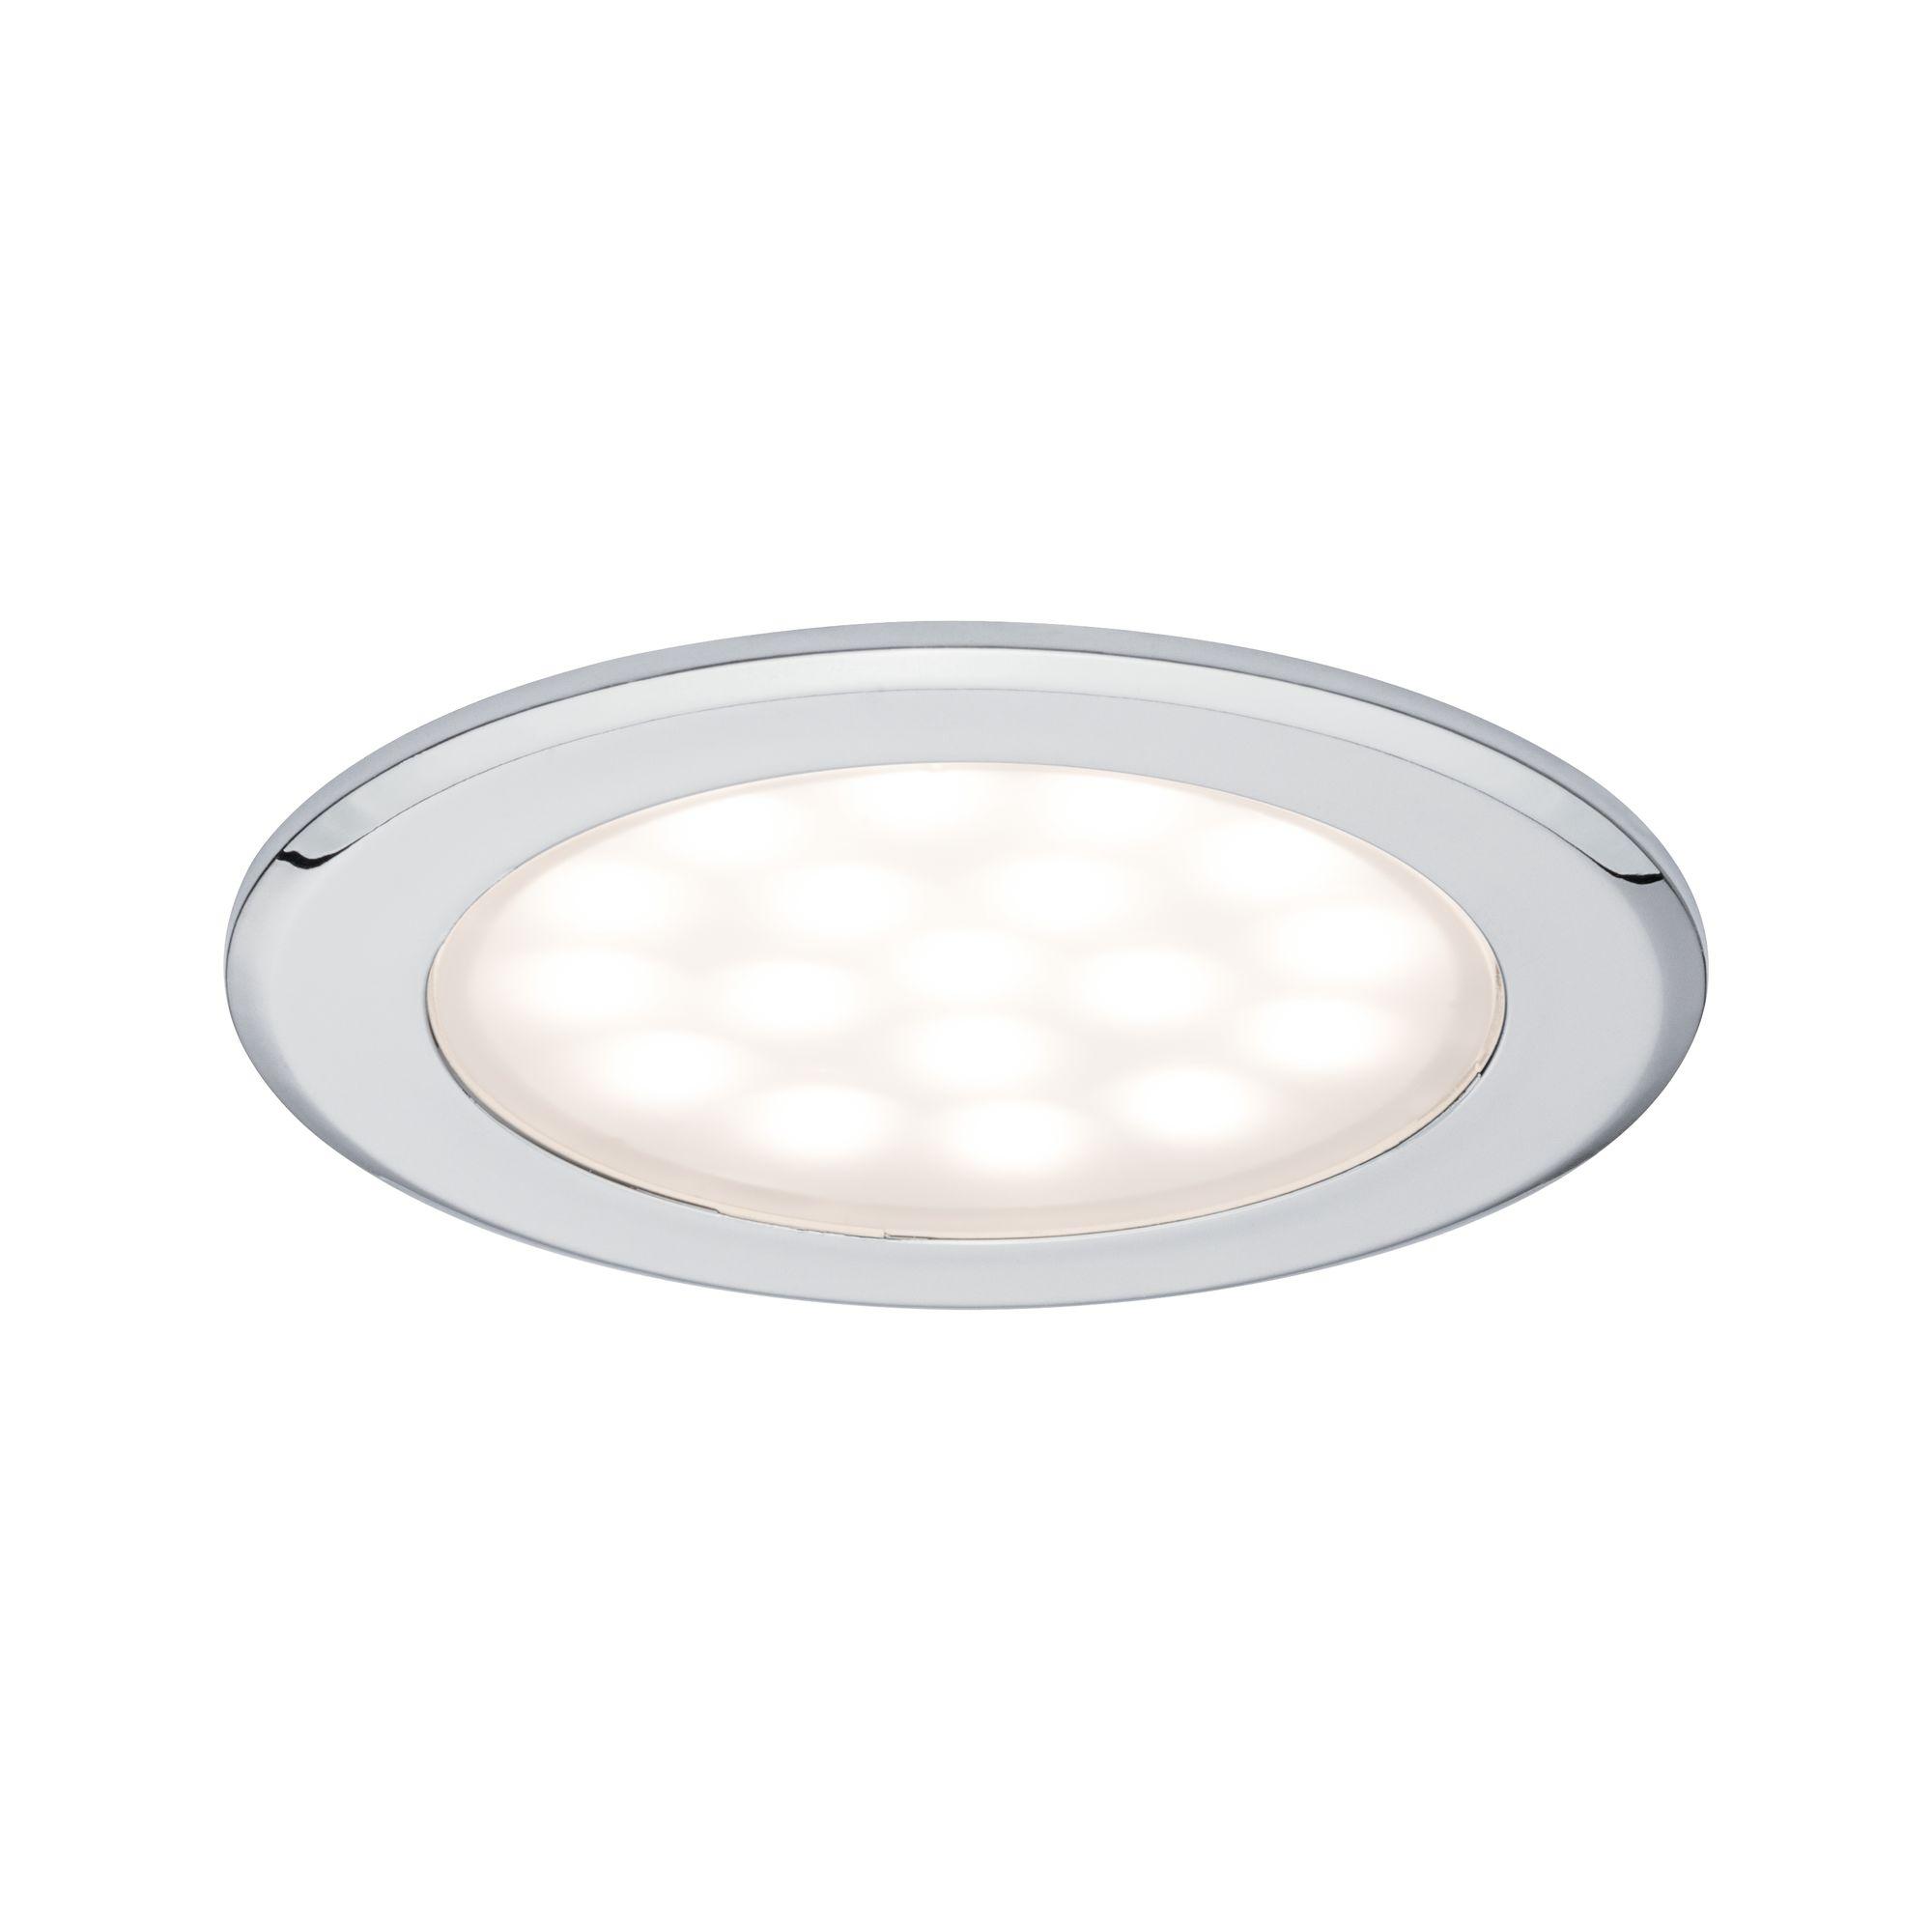 LED nábytkové vestavné svítidlo kruhové 2ks sada 2x2,5W chrom - PAULMANN P 99920